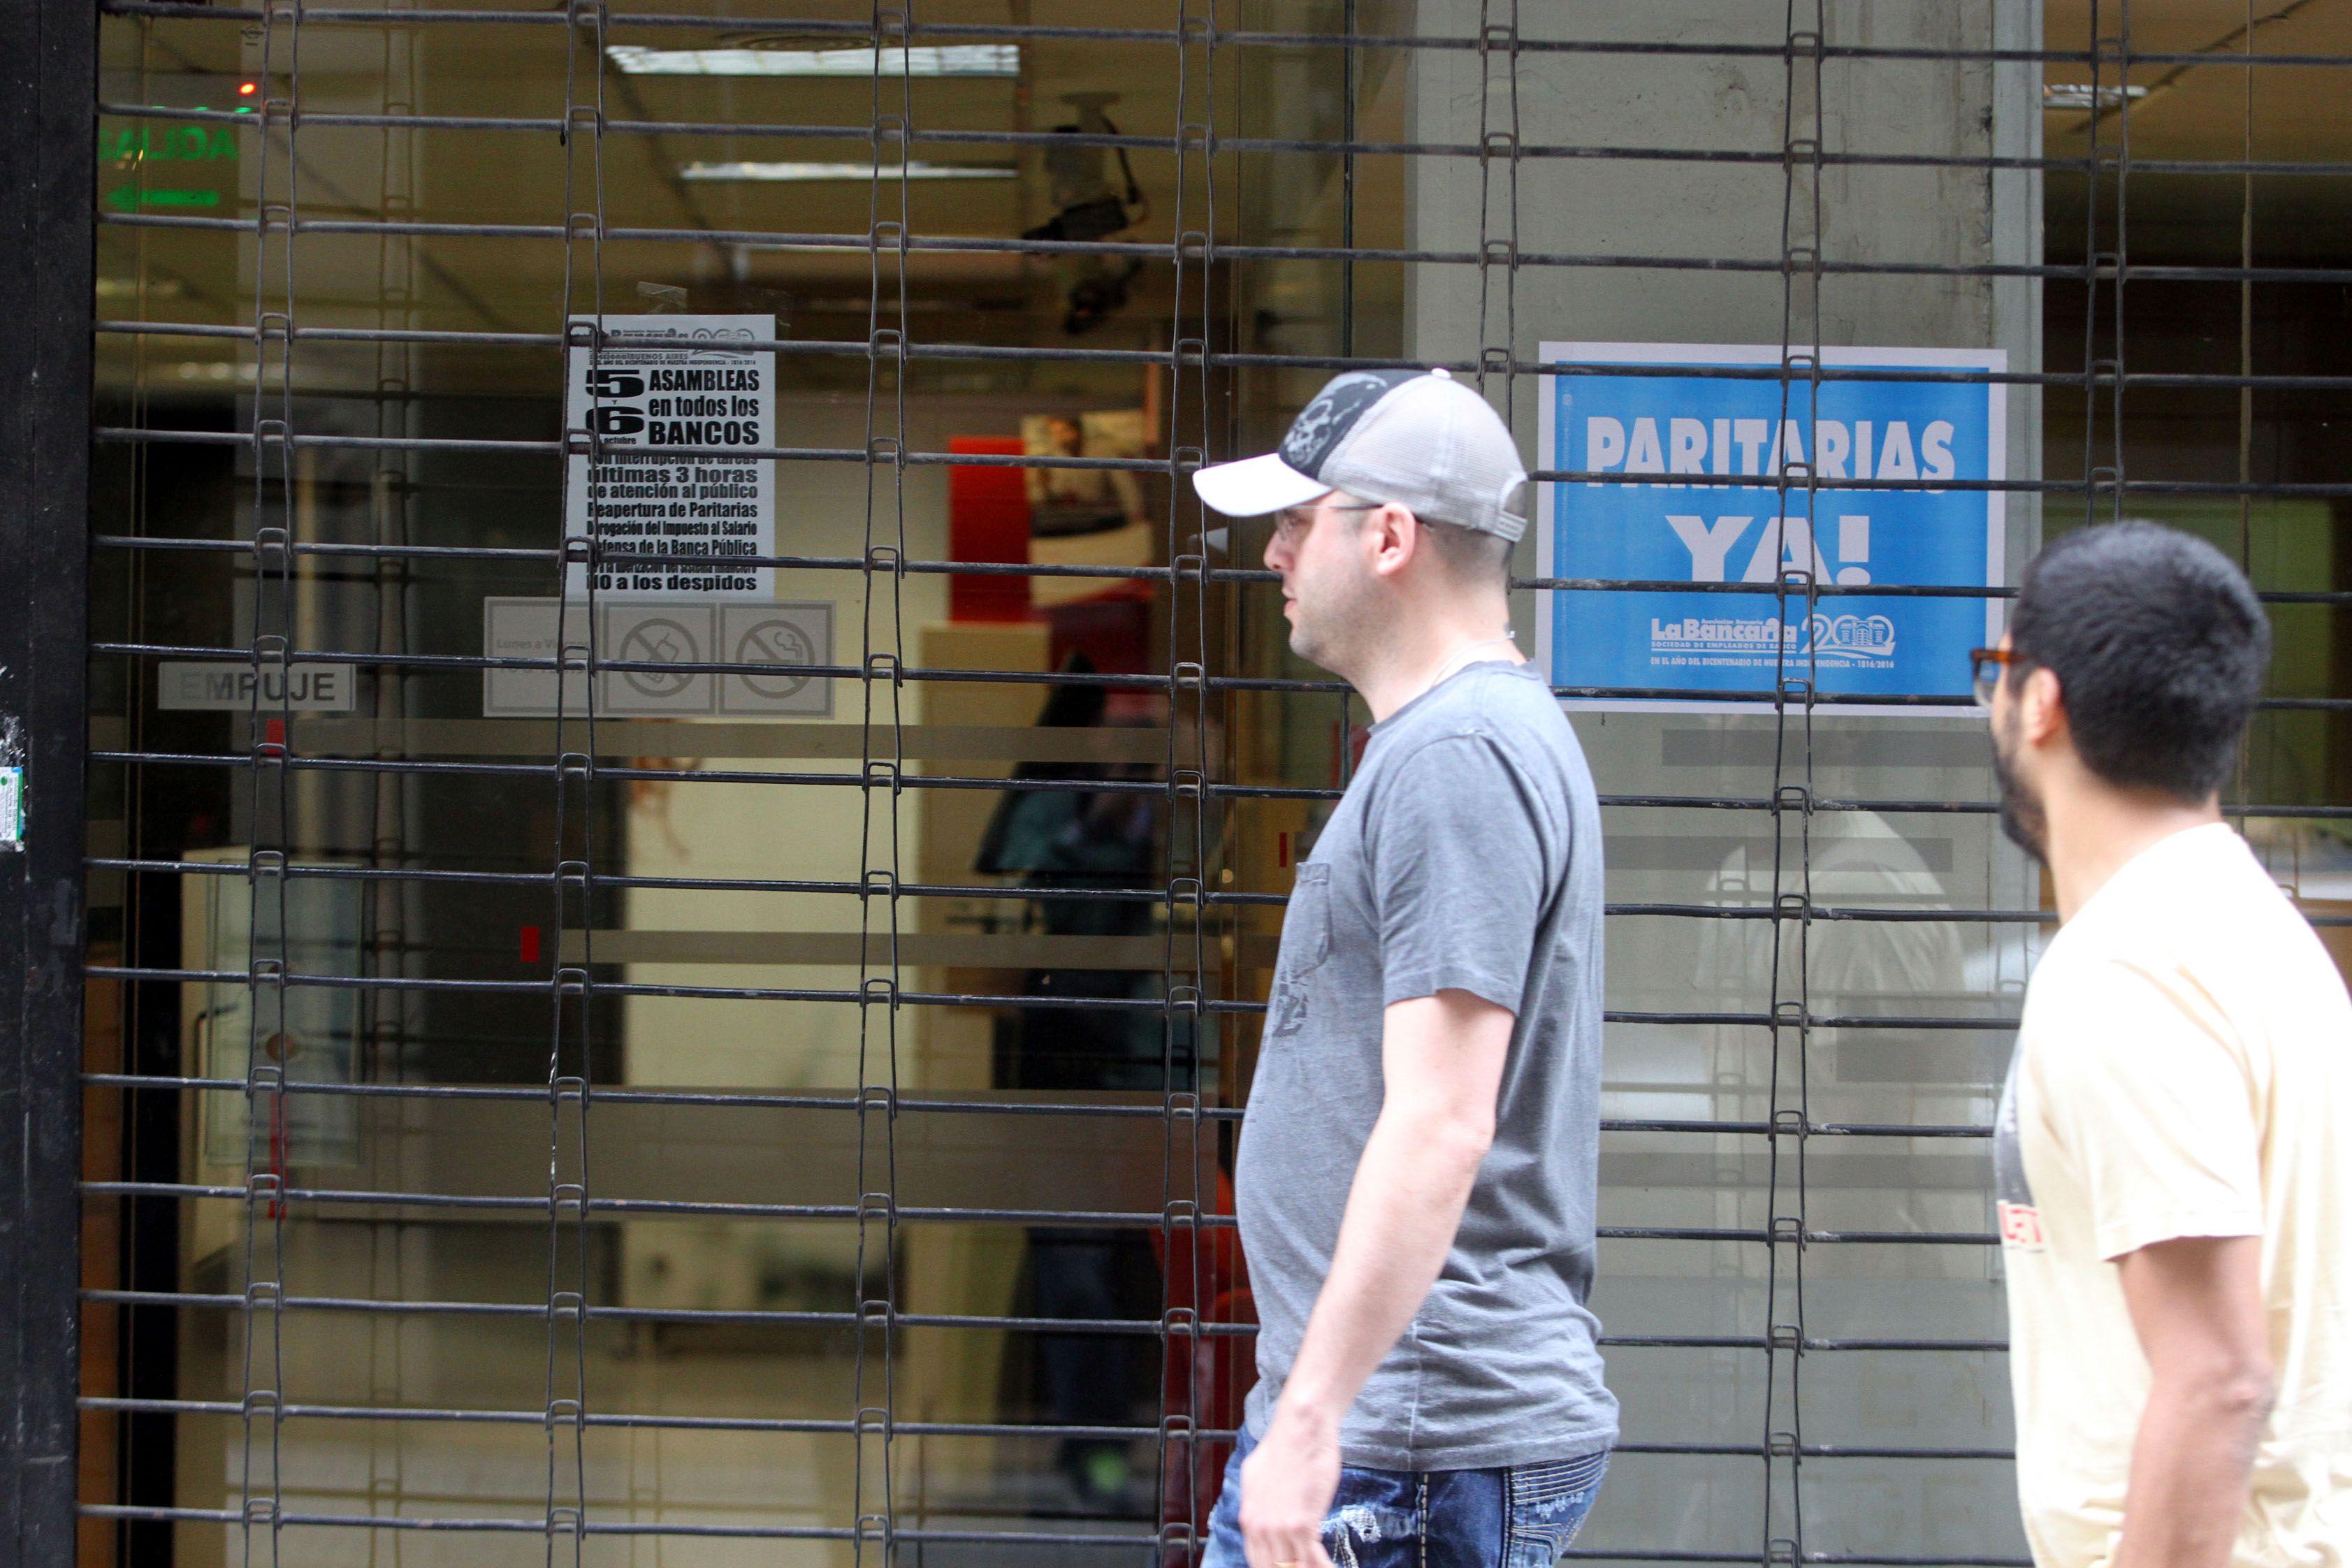 Bancarios levantaron el paro y hoy habrá atención en todas las entidades